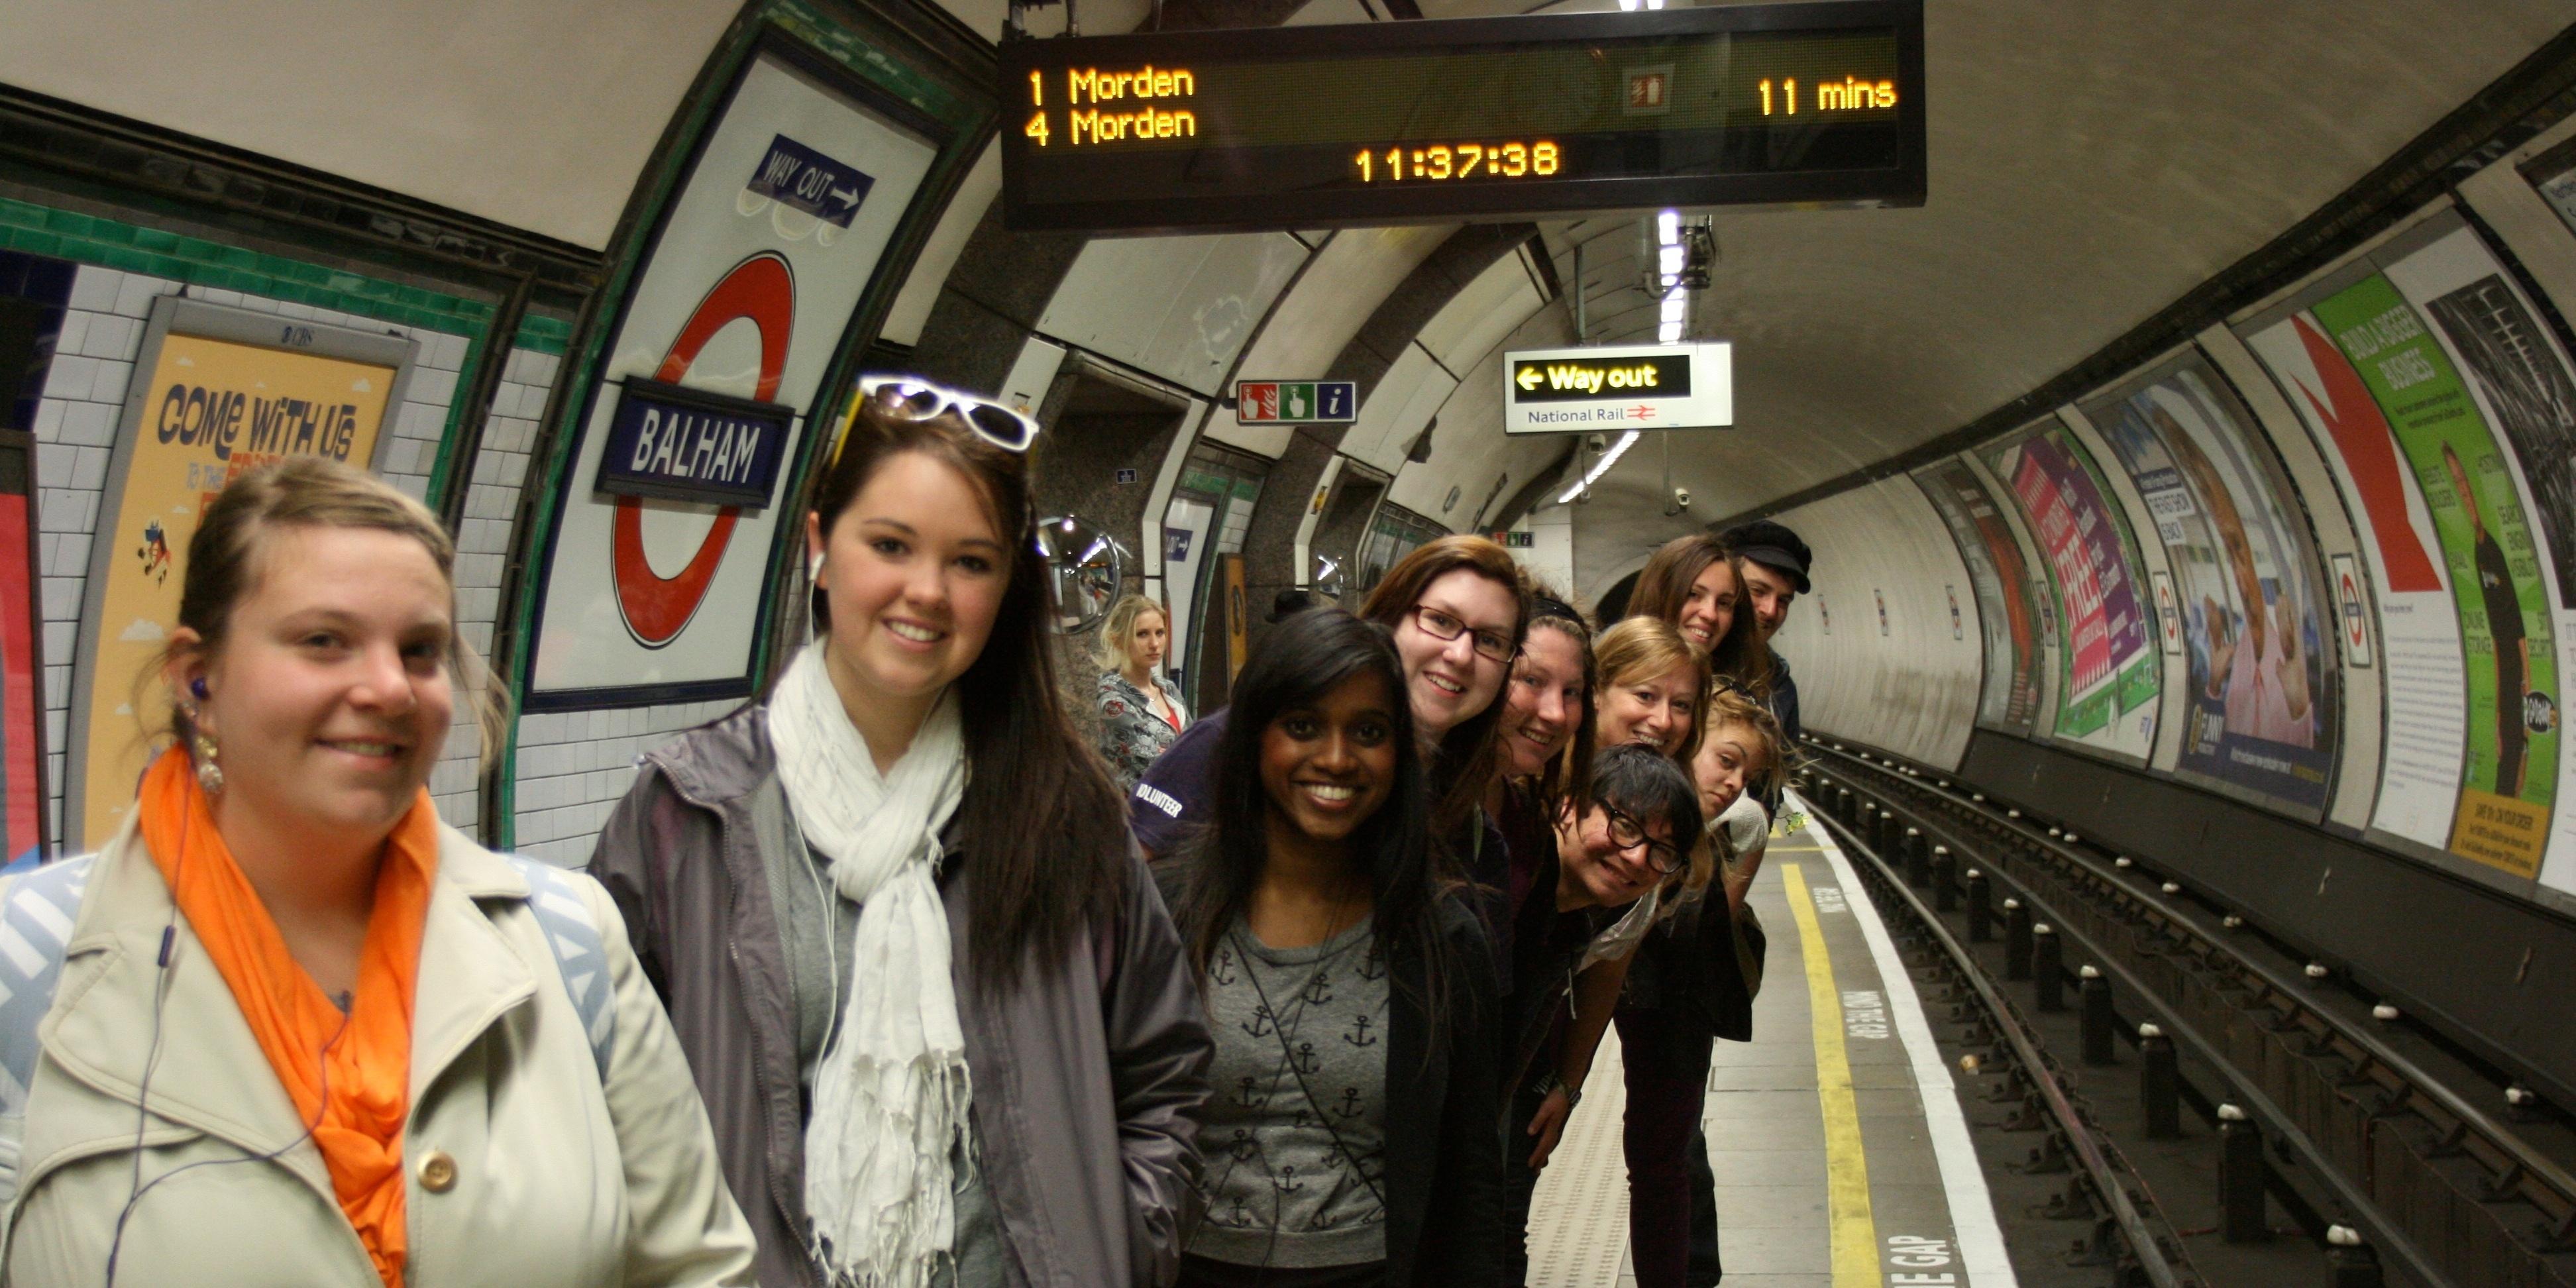 subway outreach-161362-edited.jpg